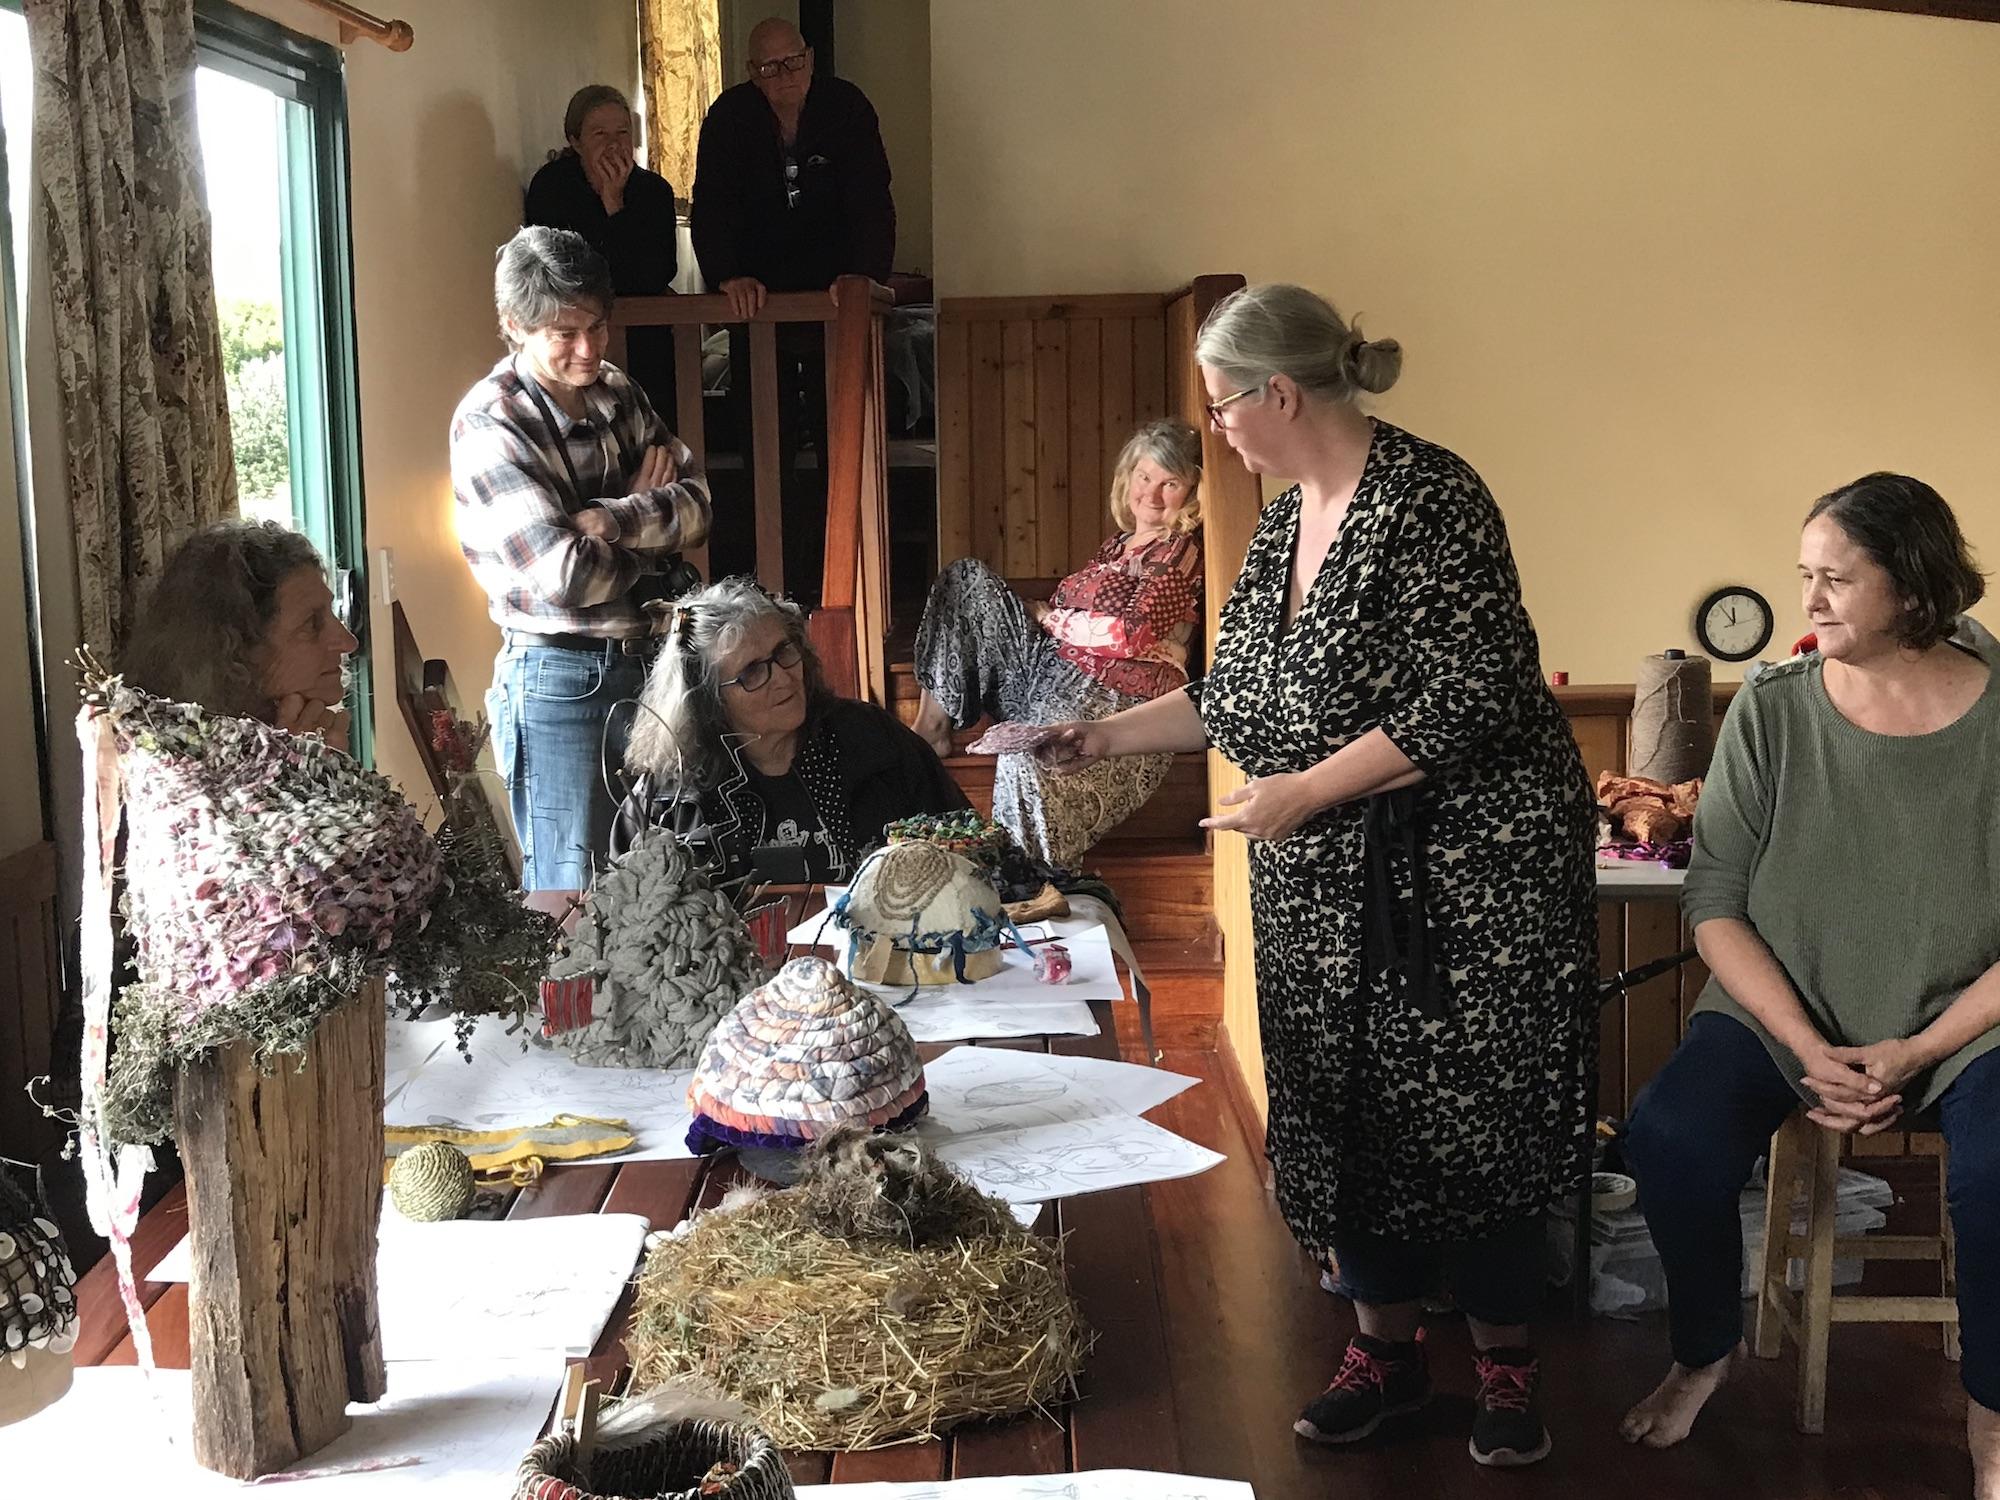 Previous Nalda Searles workshop group